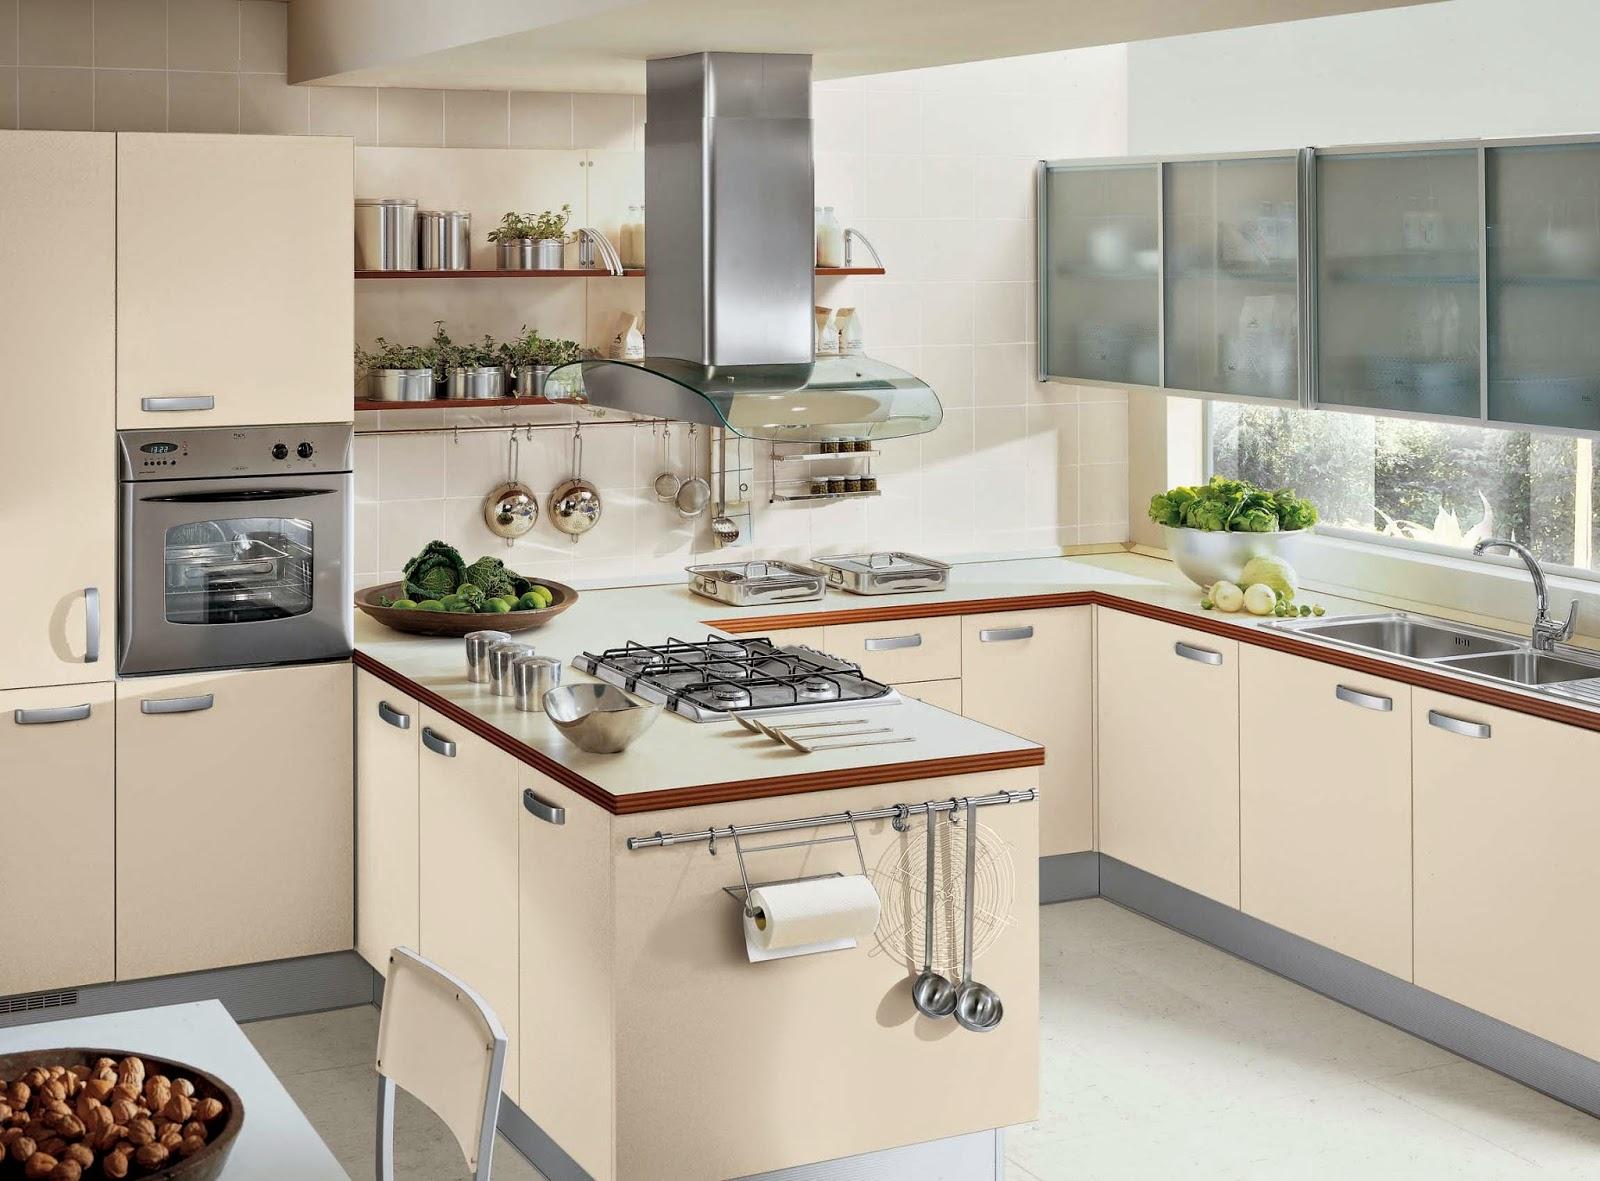 Meubles pour petite cuisine meuble bar cuisine ouverte - Transformer une table de cuisine ...